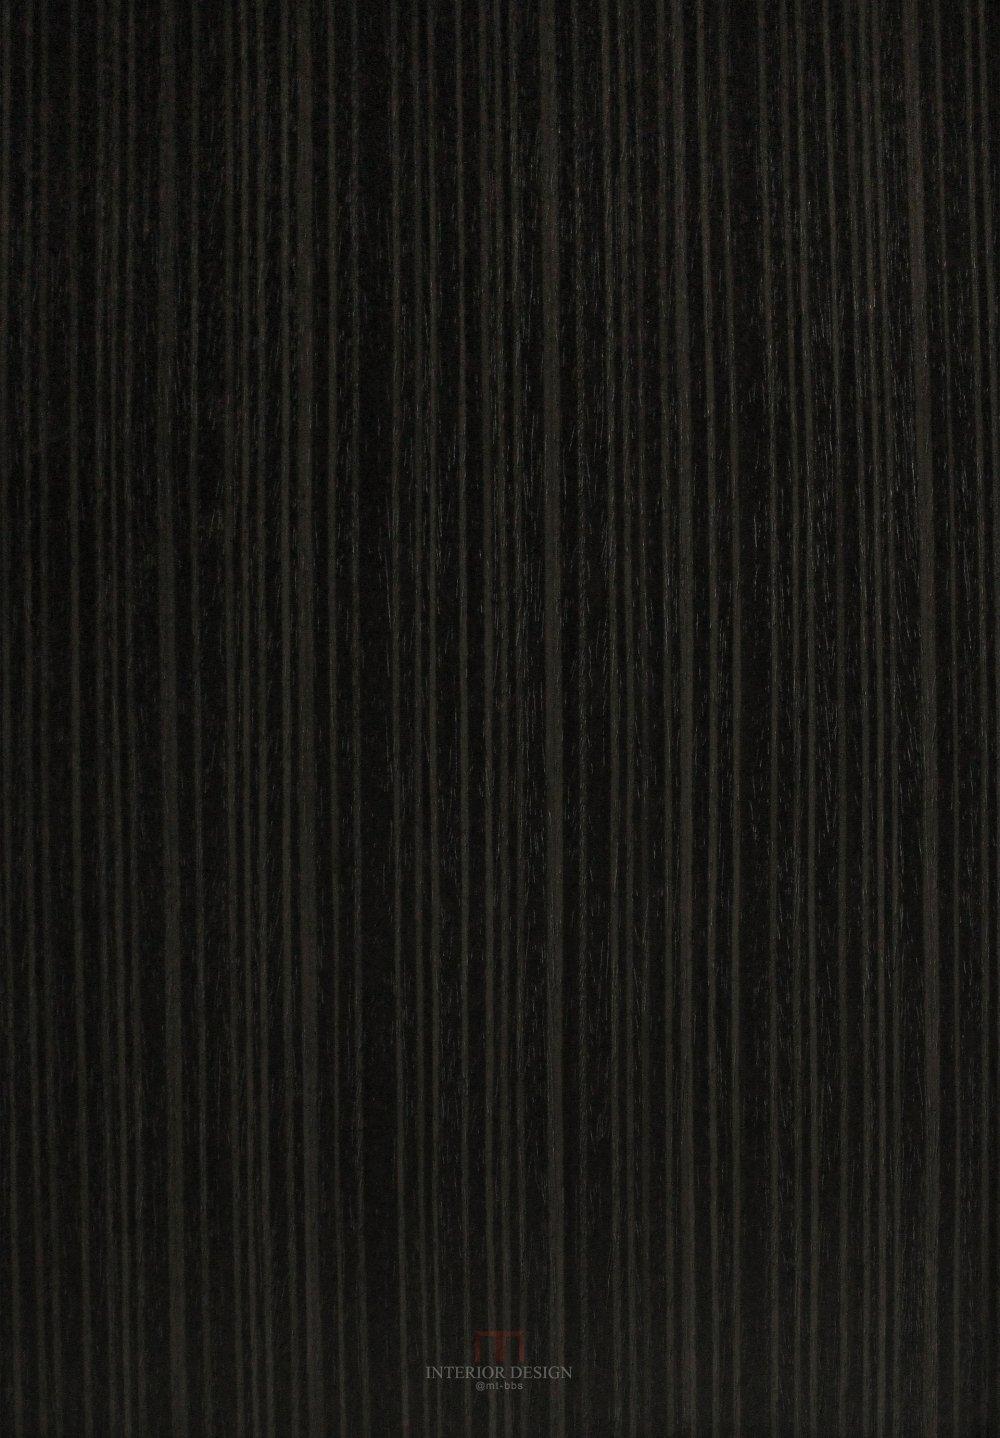 人造木纹_K6261_F0603.jpg